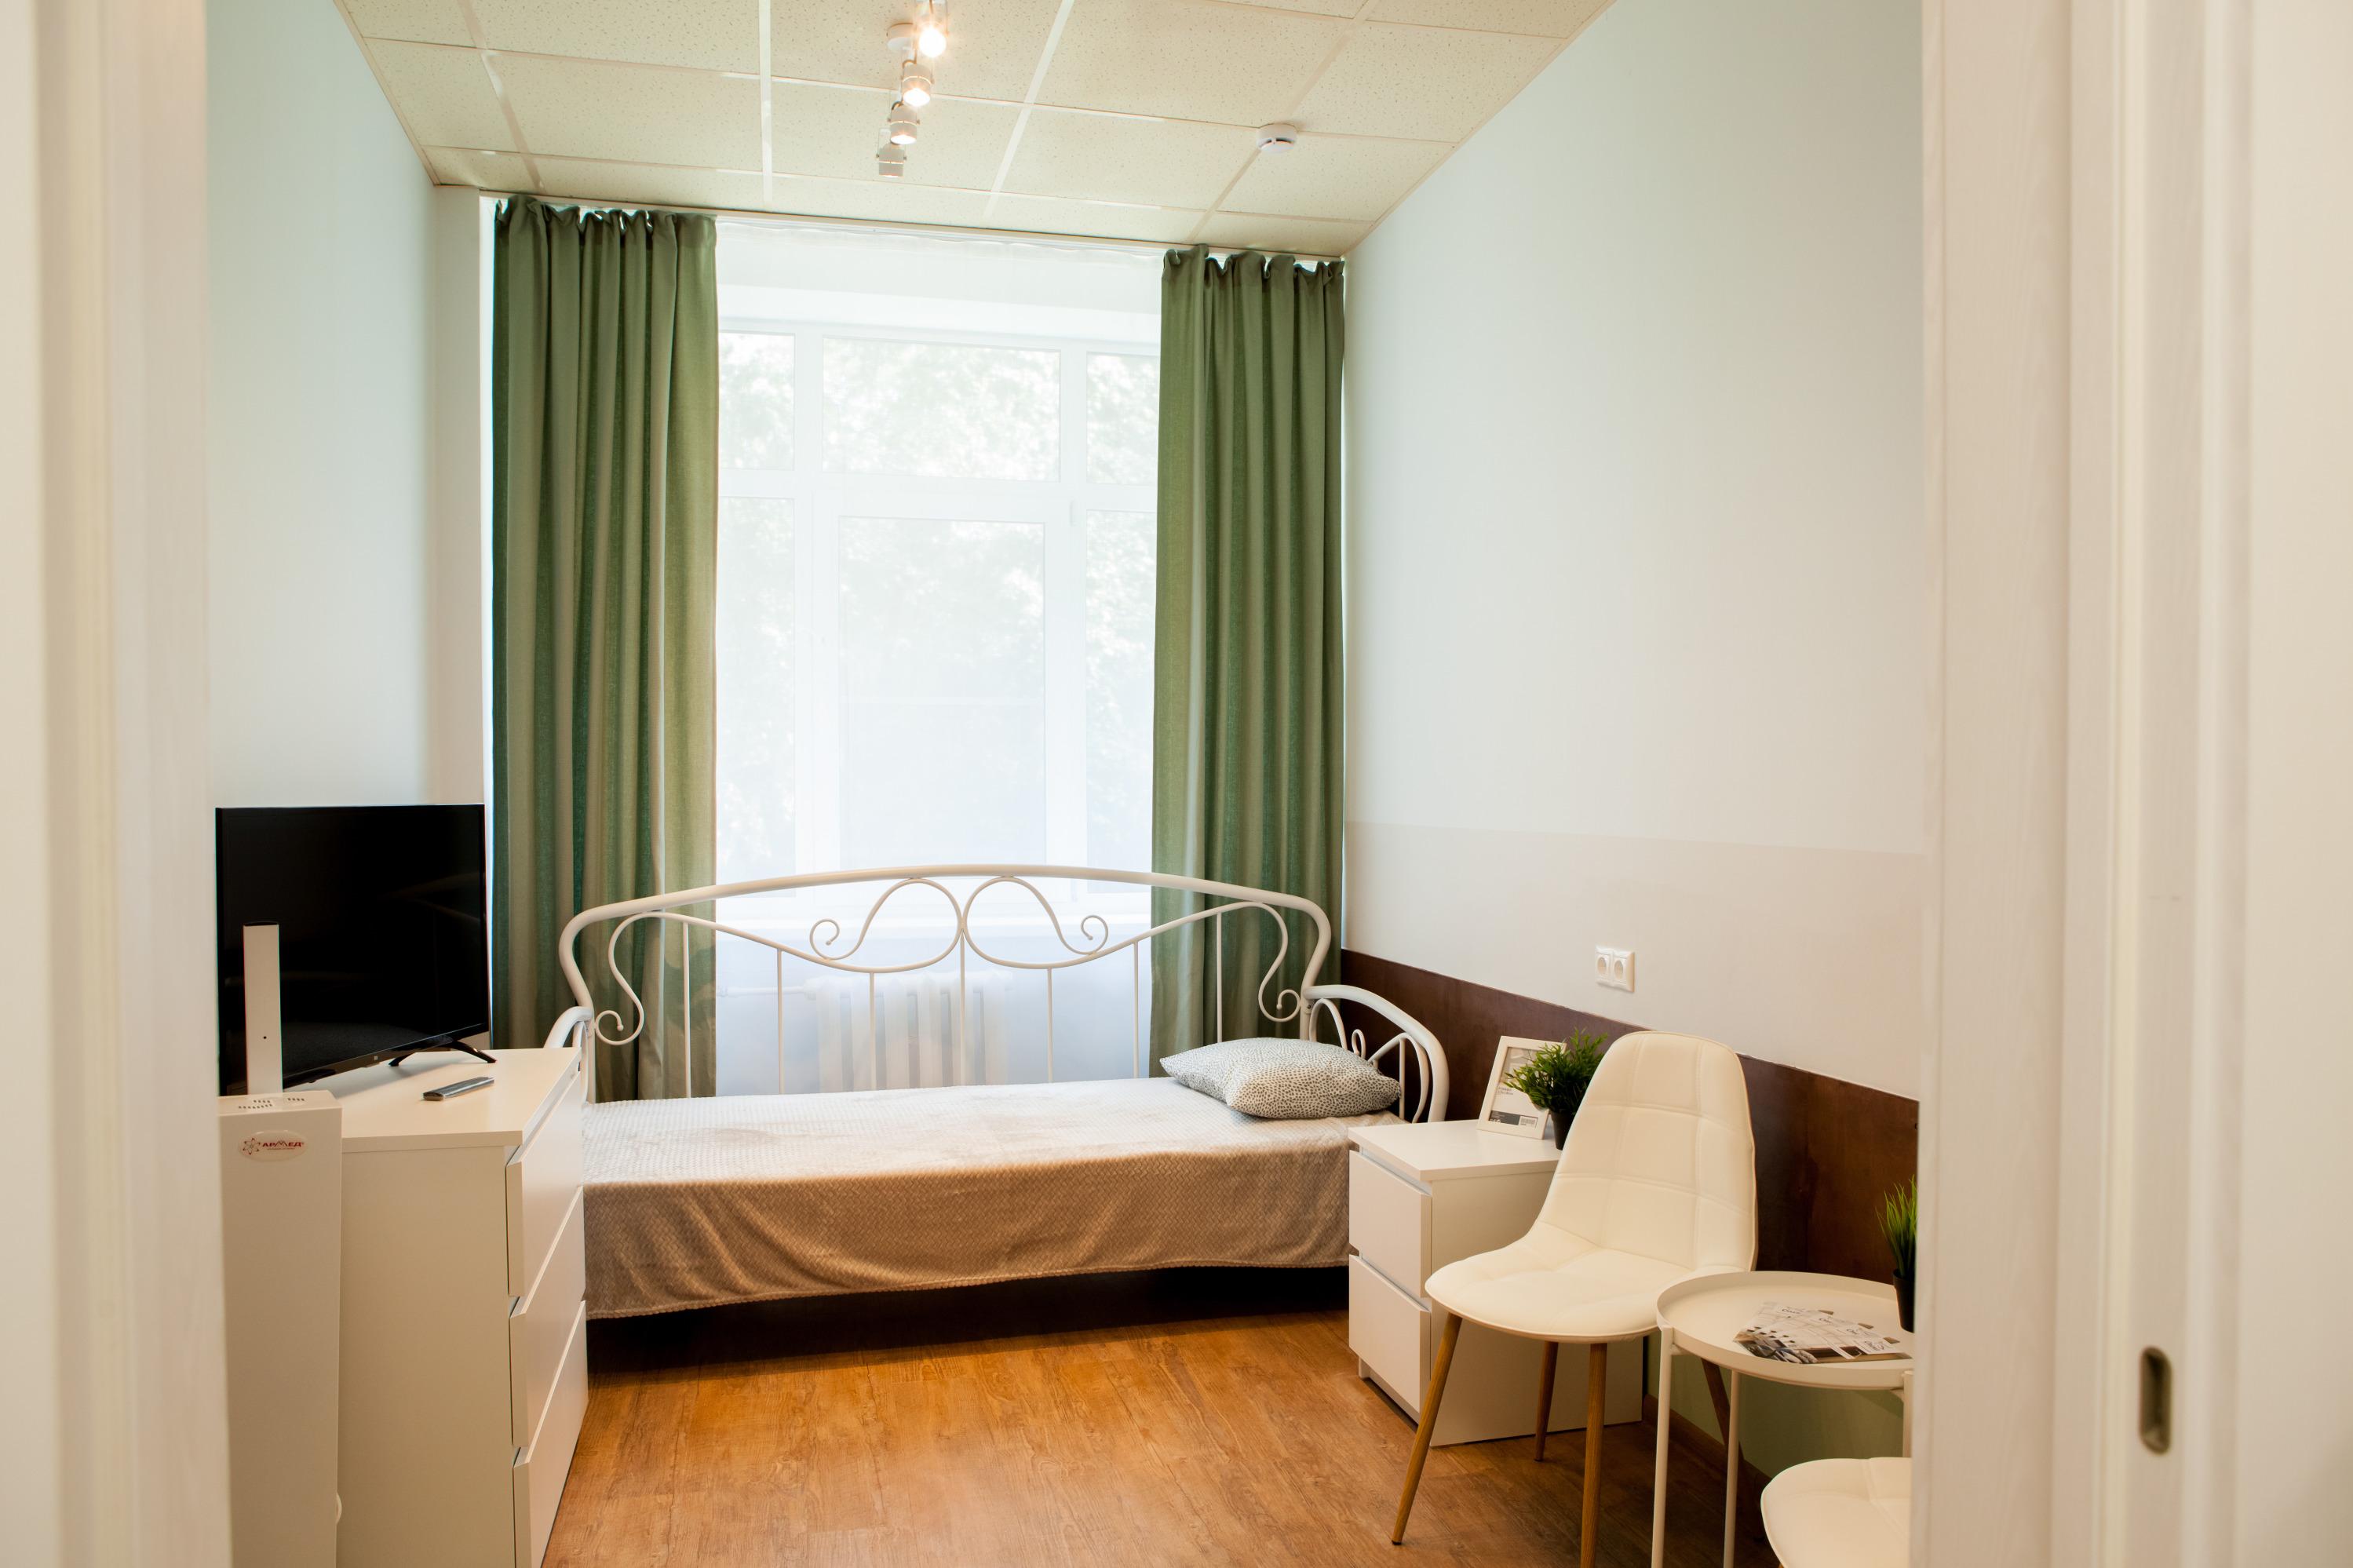 Светлые и уютные комнаты больше напоминают номер дорогого, но очень гостеприимного отеля